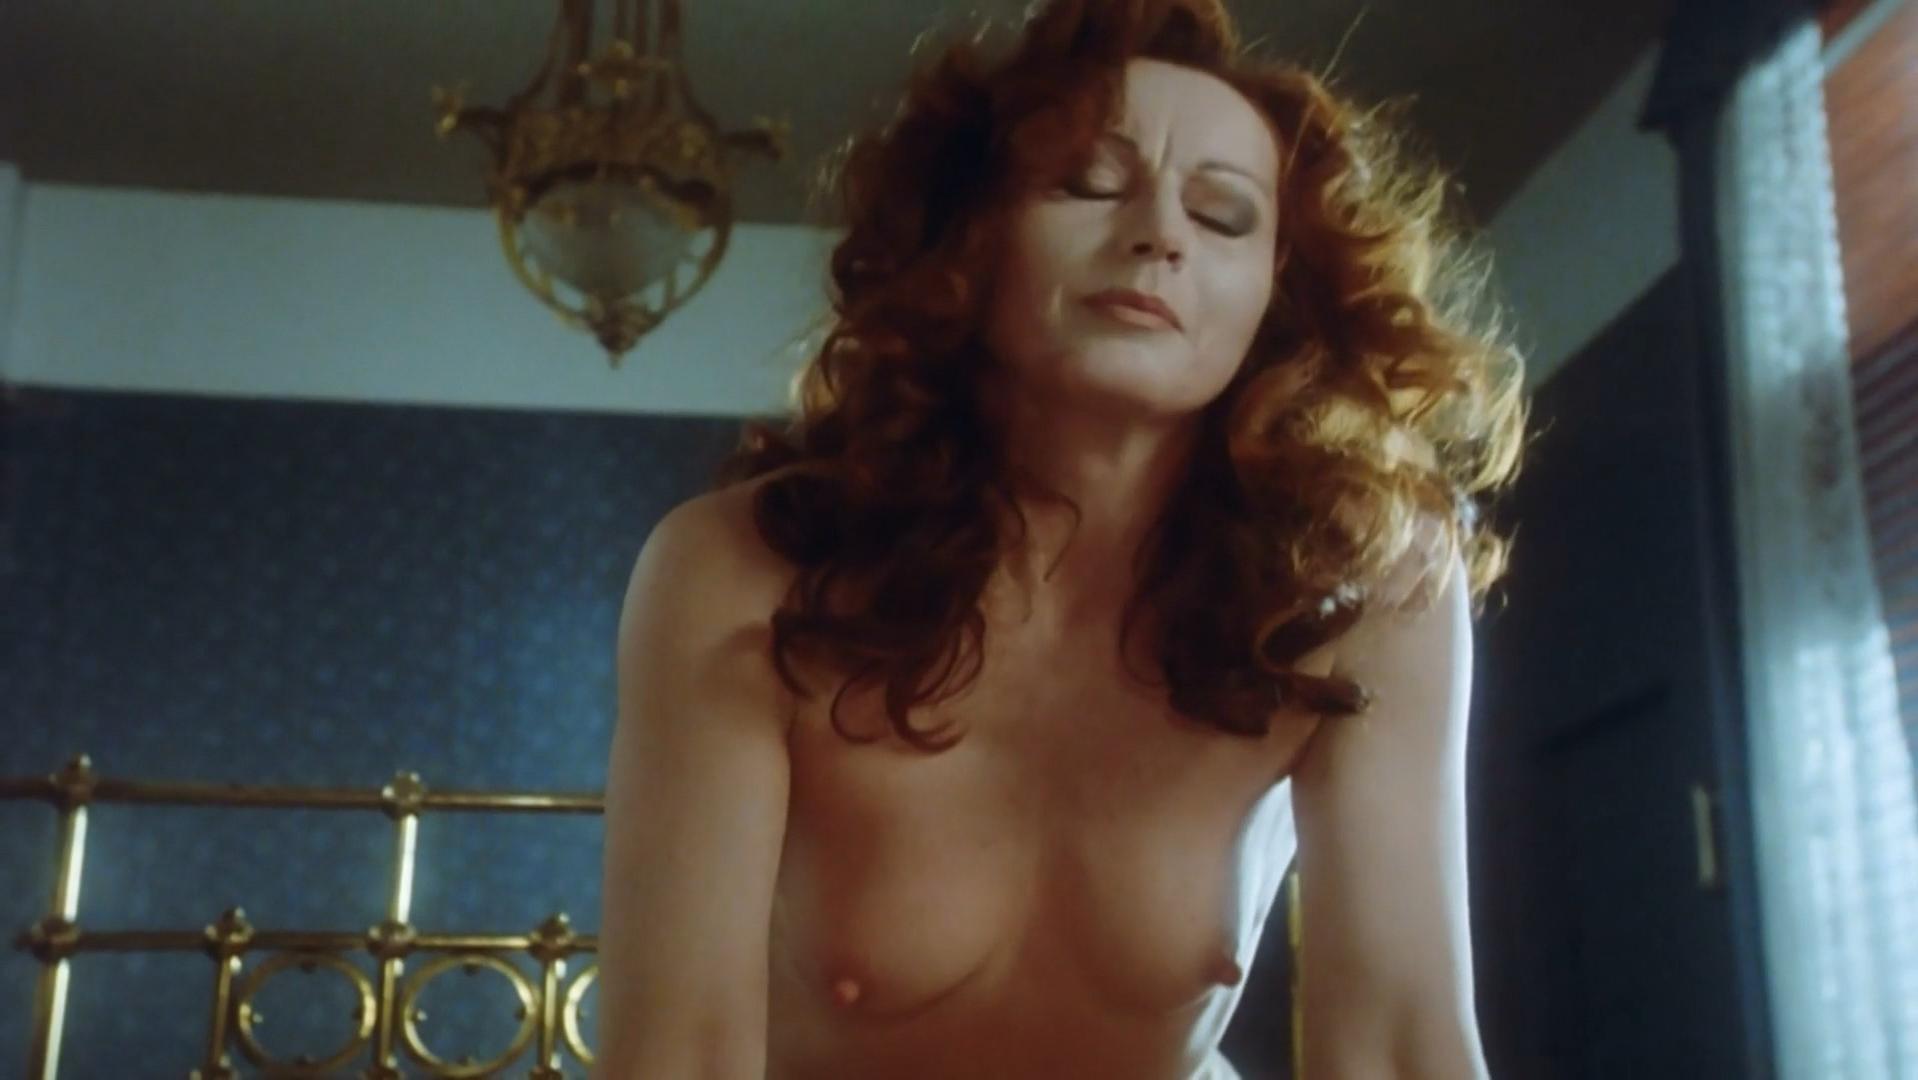 Andrea Jonasson nude - Das Spinnennetz (1989)